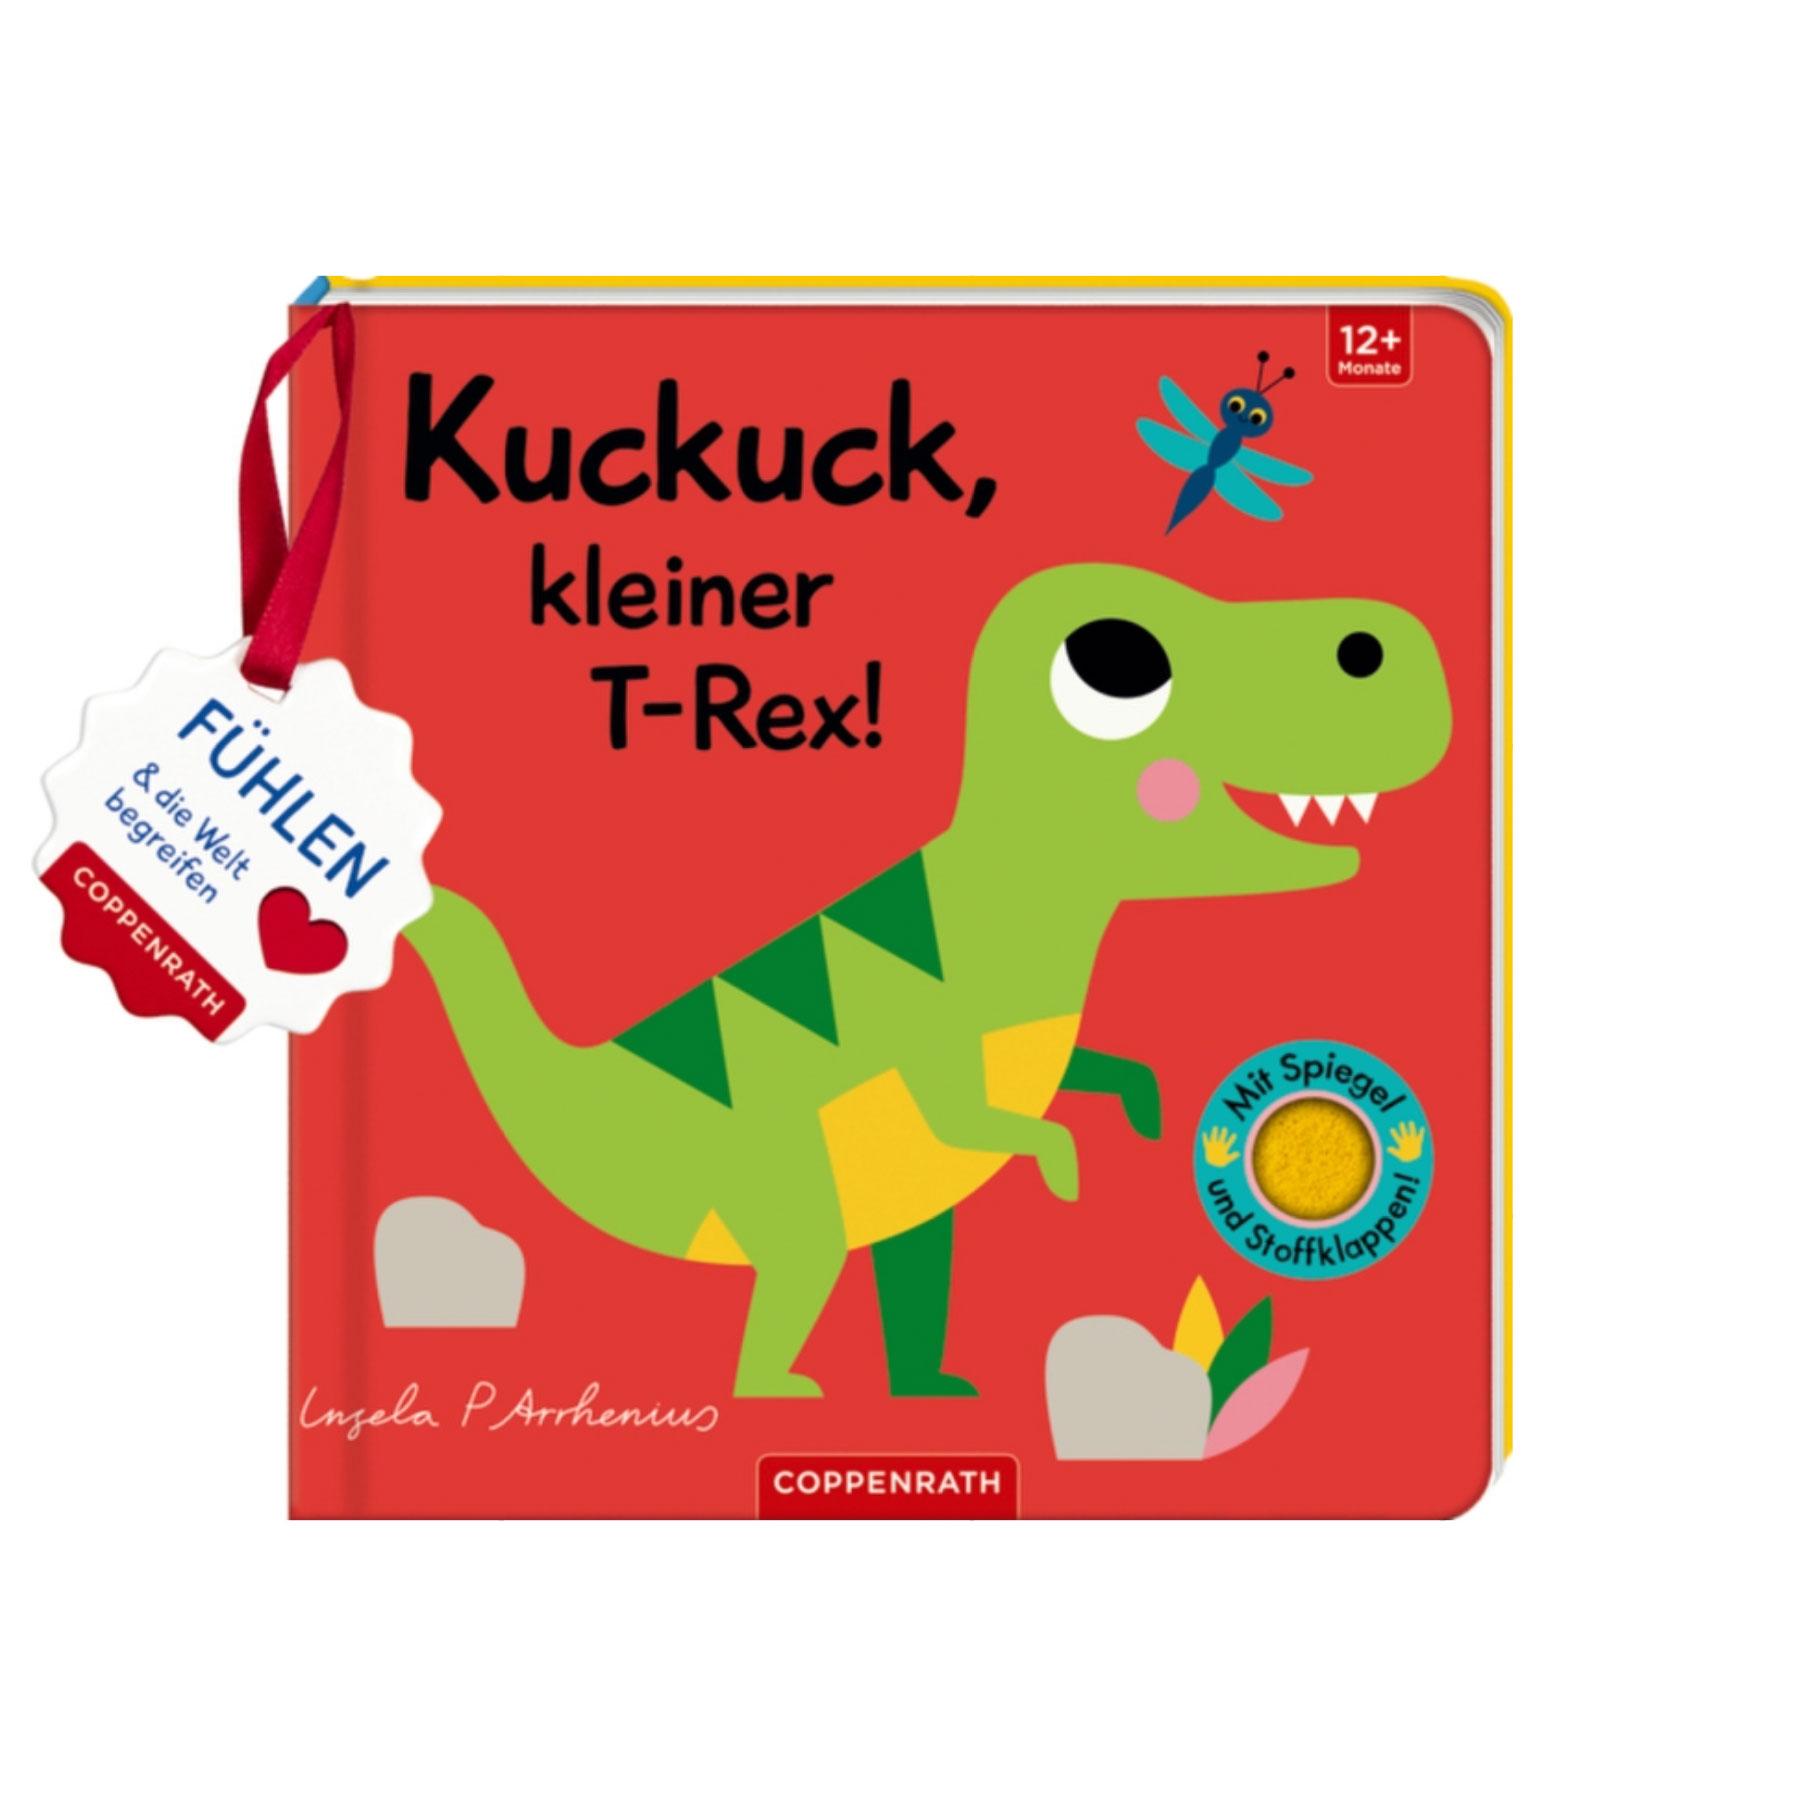 Kuckuck, kleiner T-Rex! ab 1J.